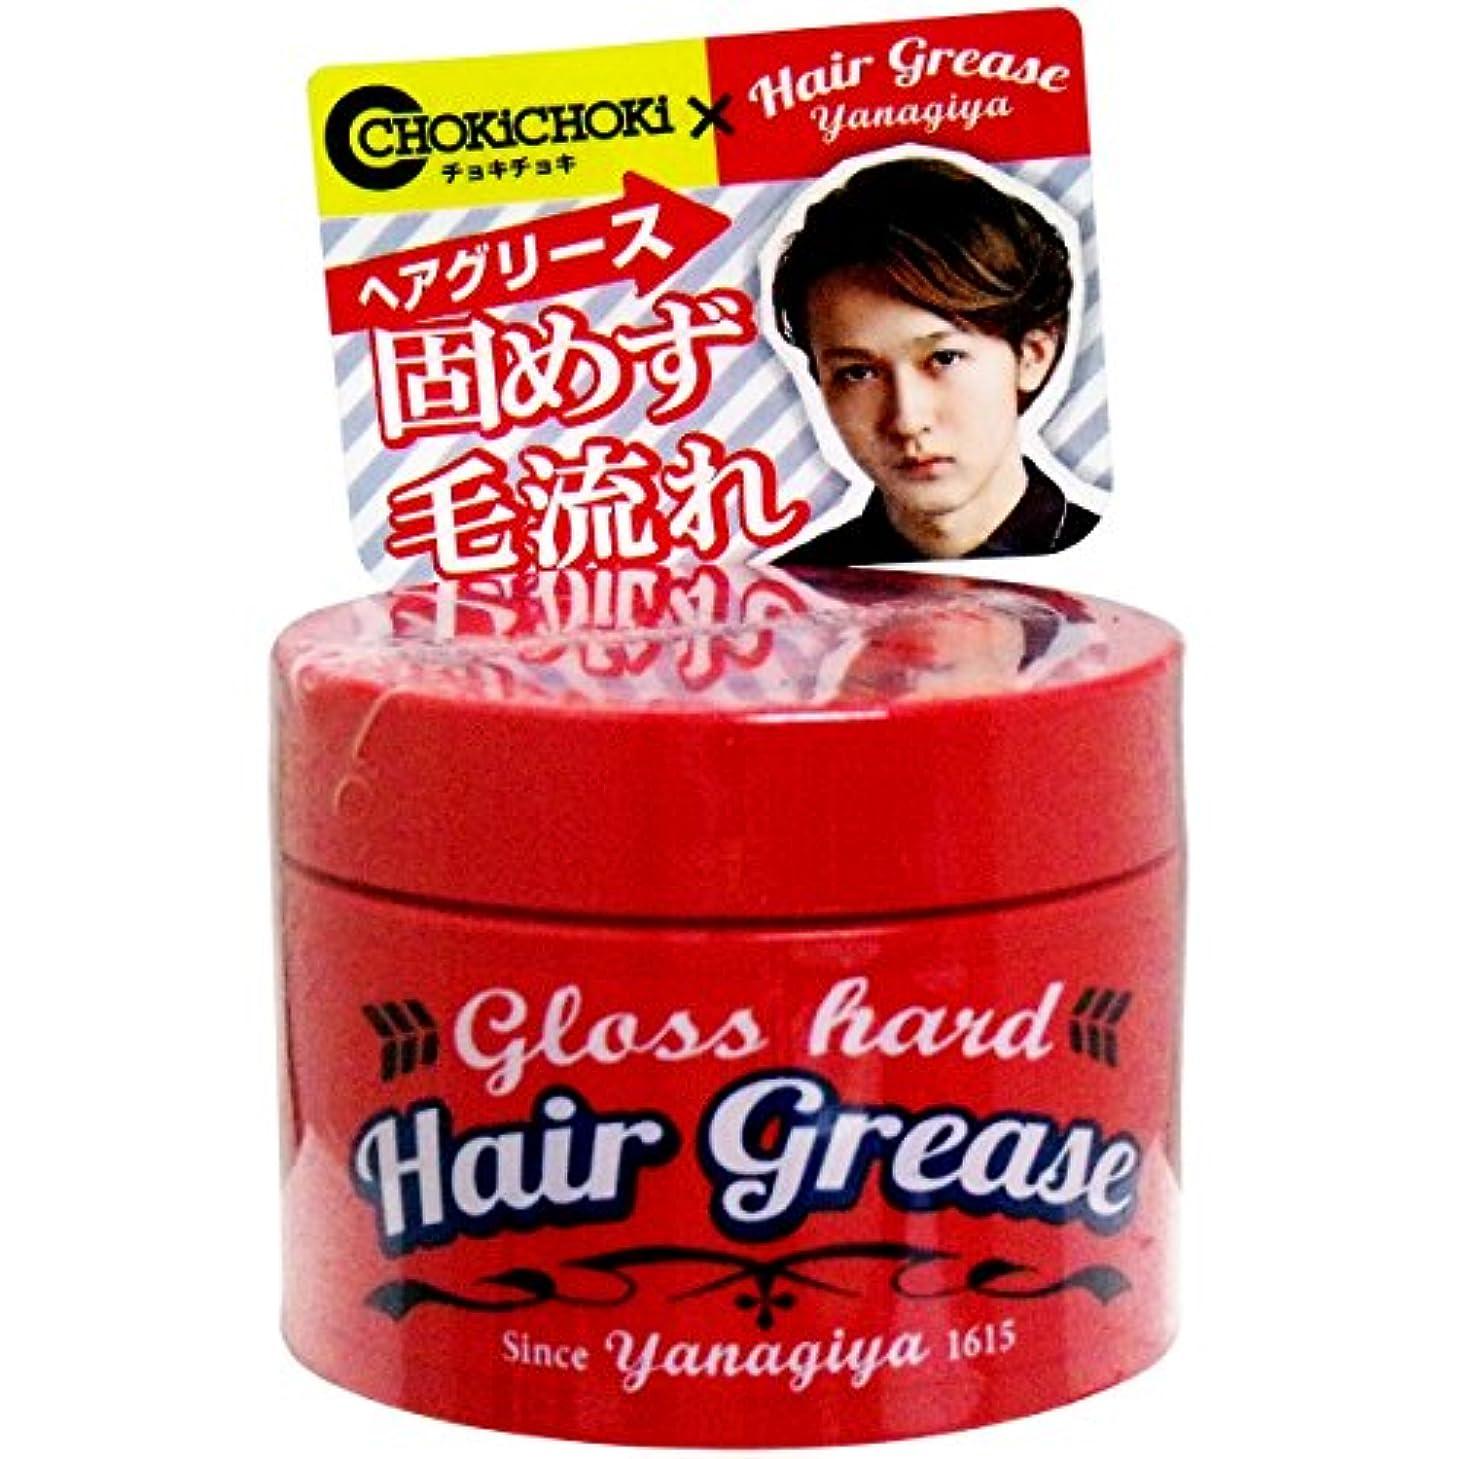 許される絵前投薬ヘアワックス 固めず毛流れ 使いやすい YANAGIYA ヘアグリース グロスハード 90g入【4個セット】